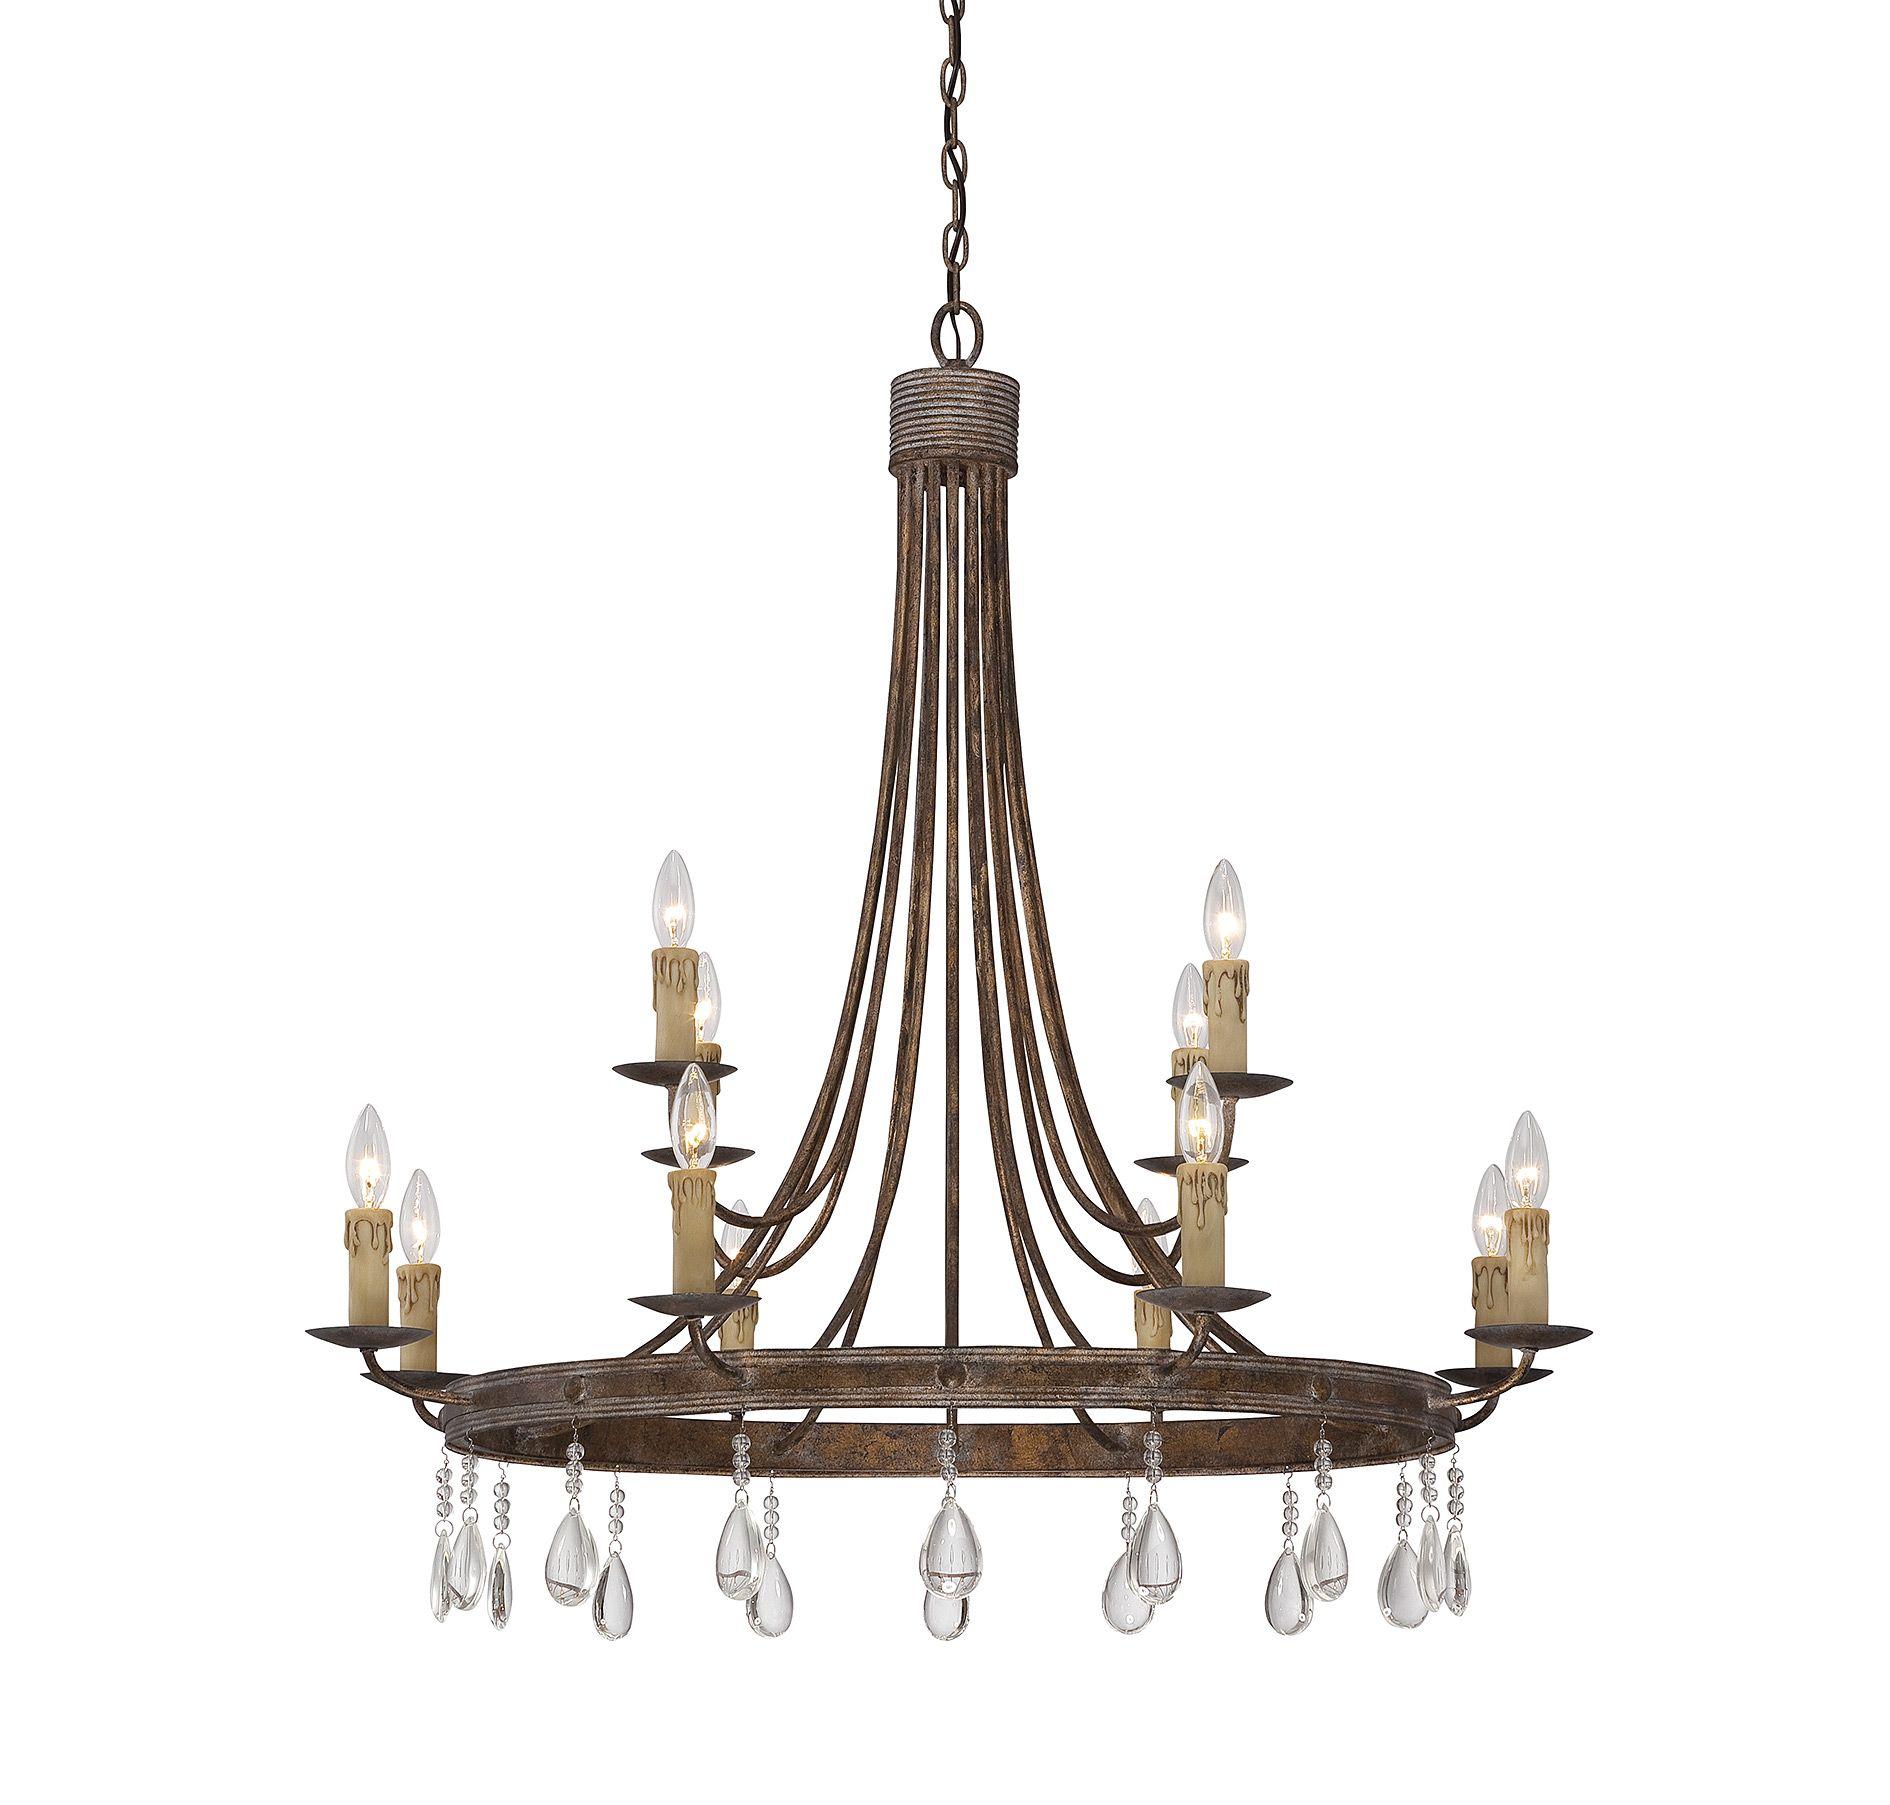 Carlisle 12 light chandelier lighting pinterest carlisle carlisle 12 light chandelier arubaitofo Choice Image